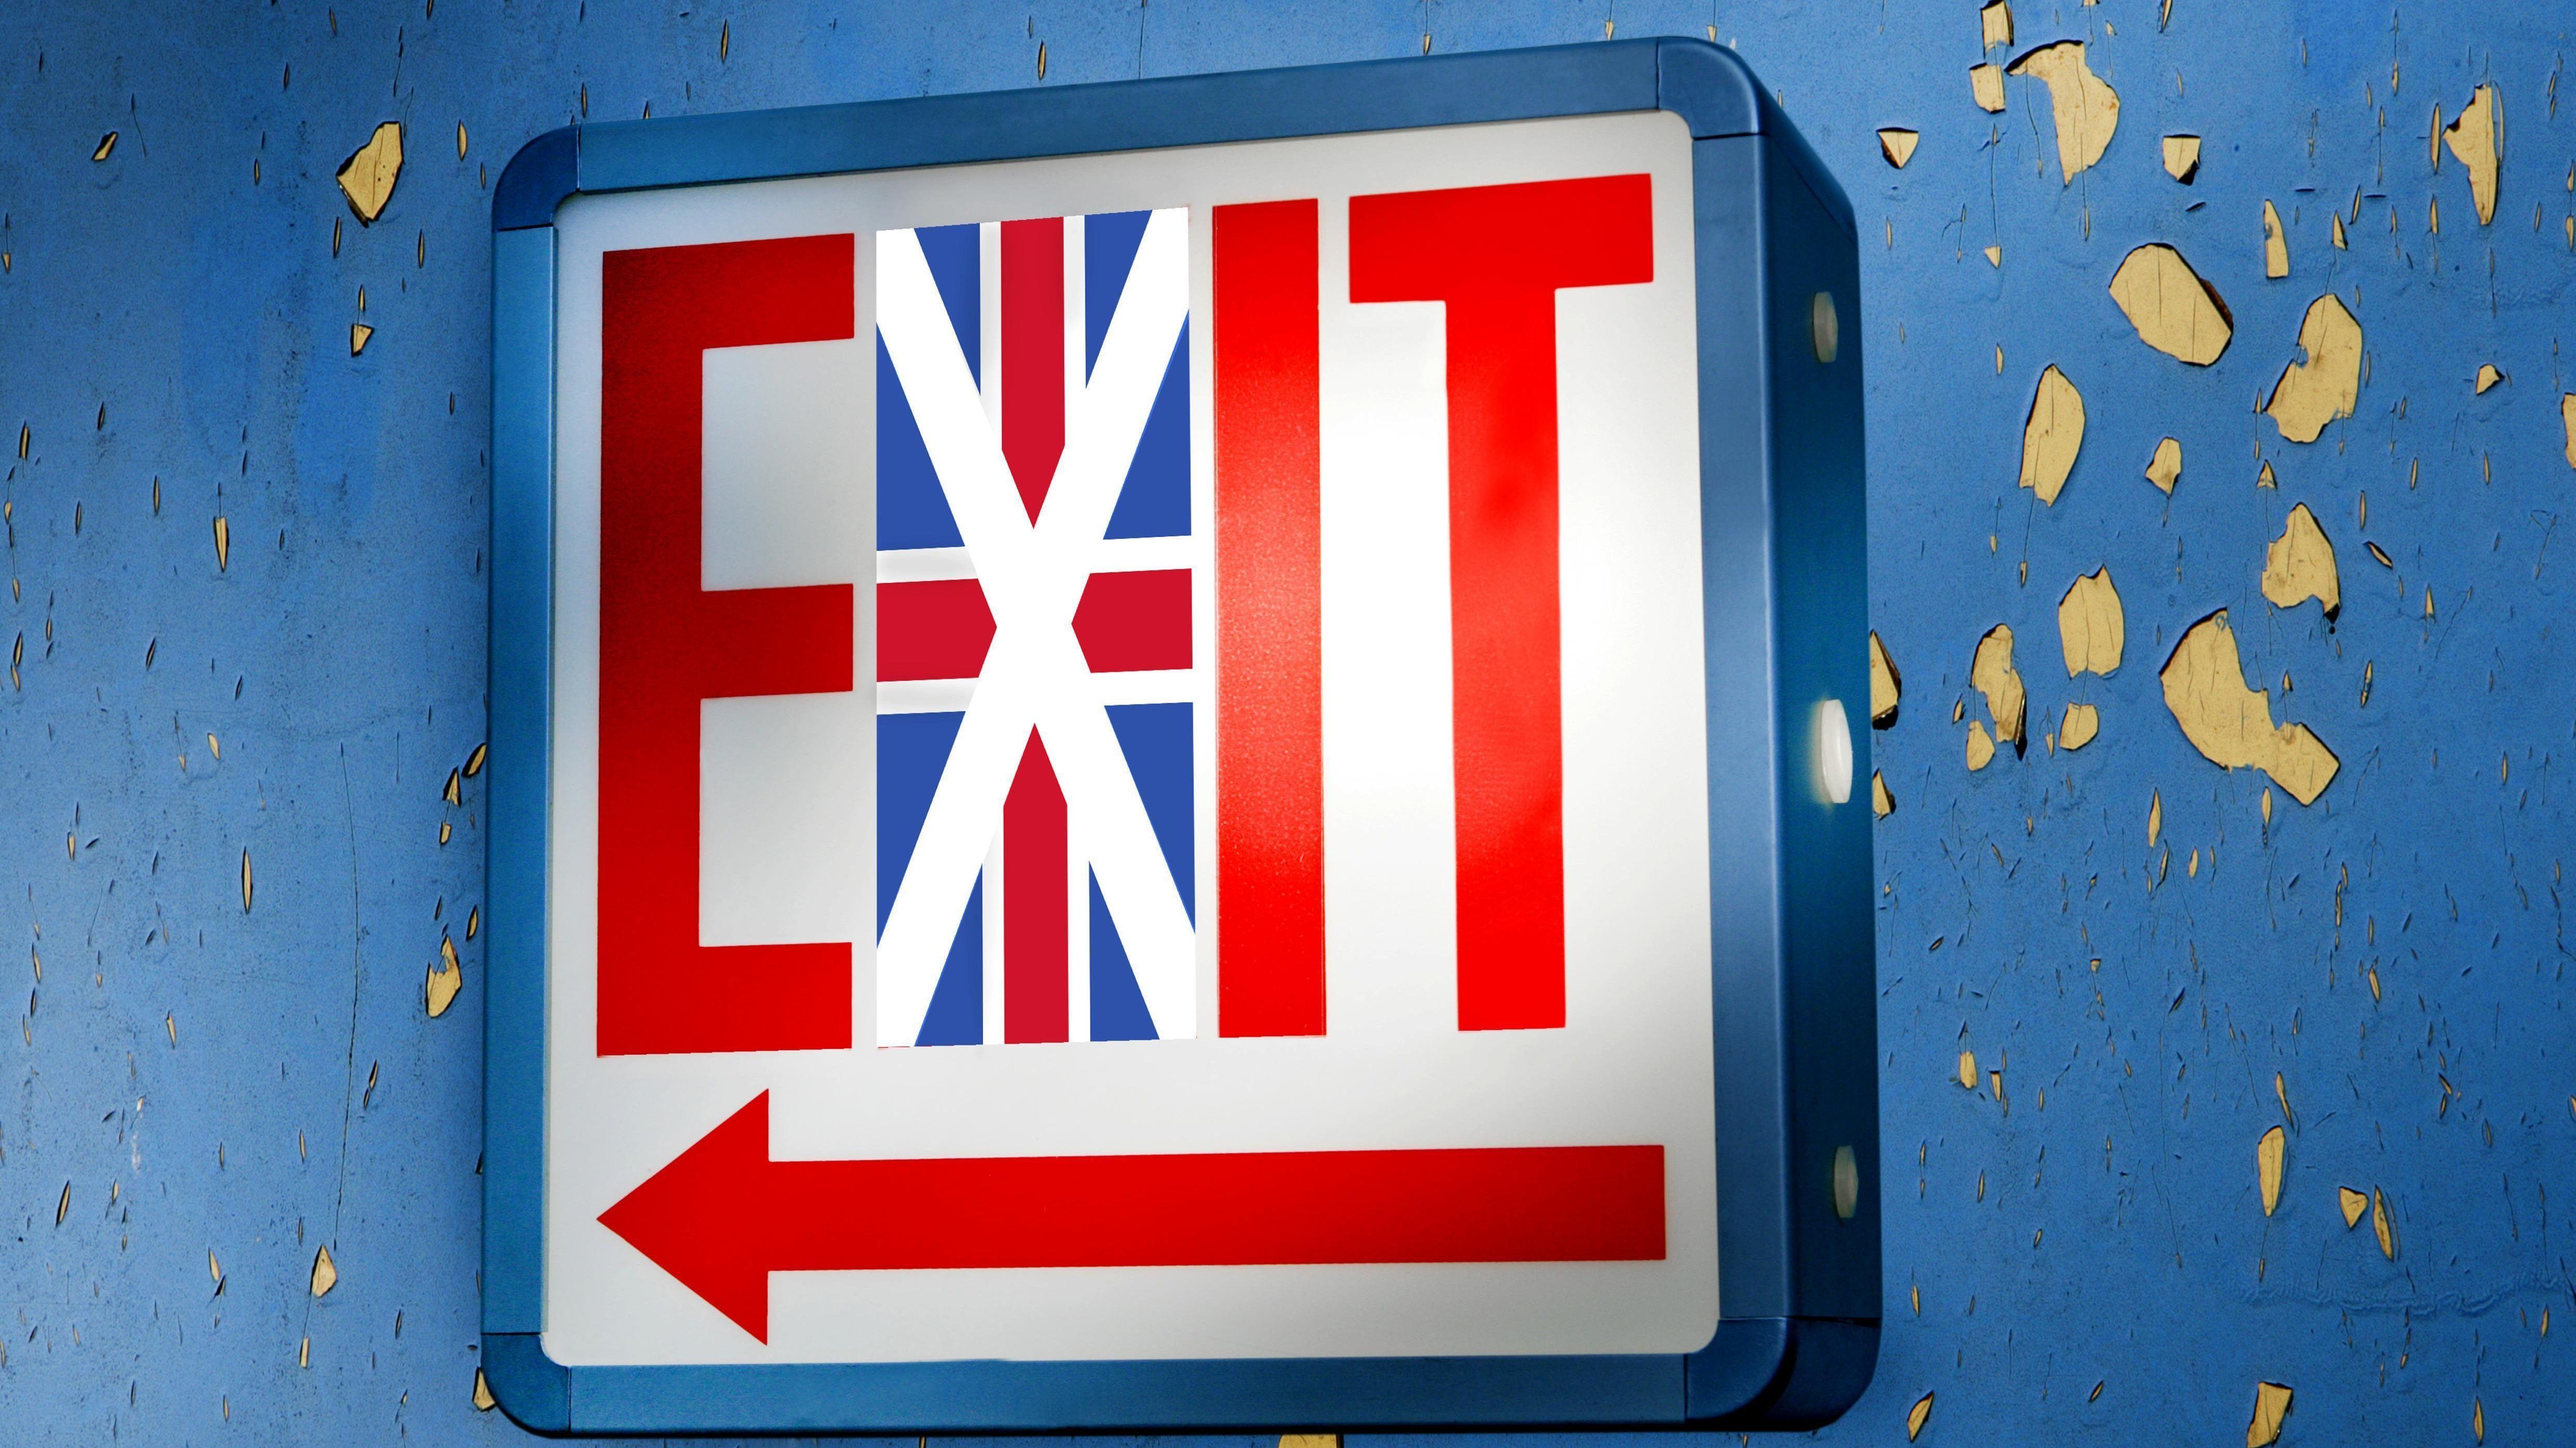 Ein Neonschild mit dem Wort EXIT und einem integrierten Union Jack